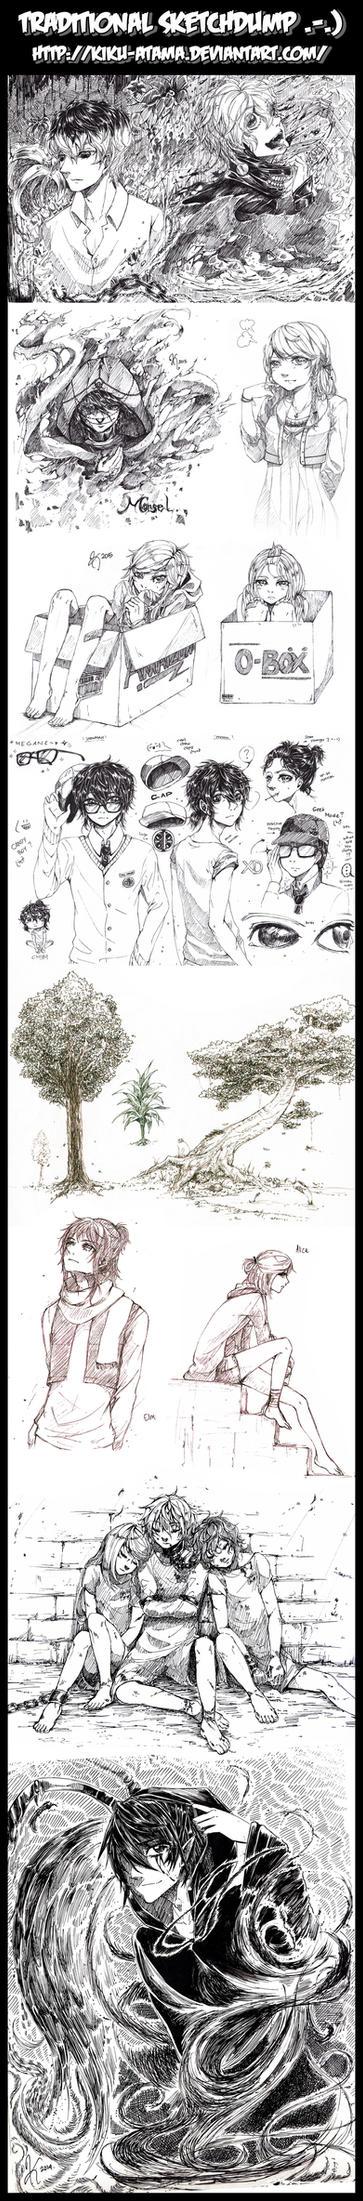 Traditional Sketchdumps by kiku-atama